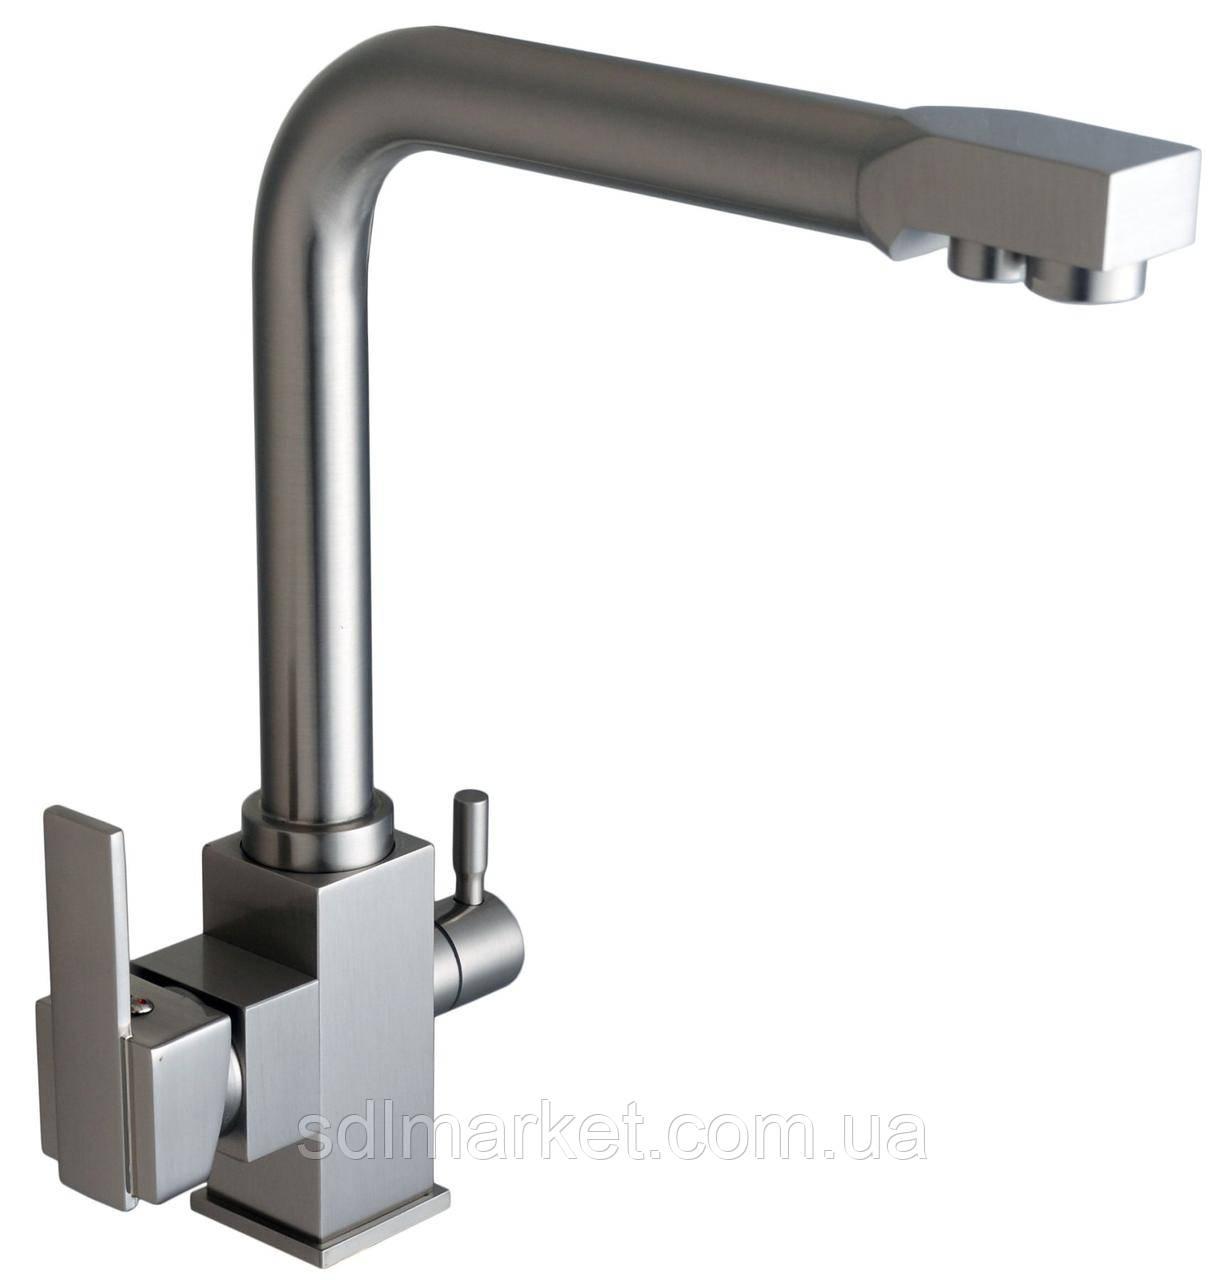 Смеситель кухонный Globus Lux LAZER GLLR-0100 комбинированный